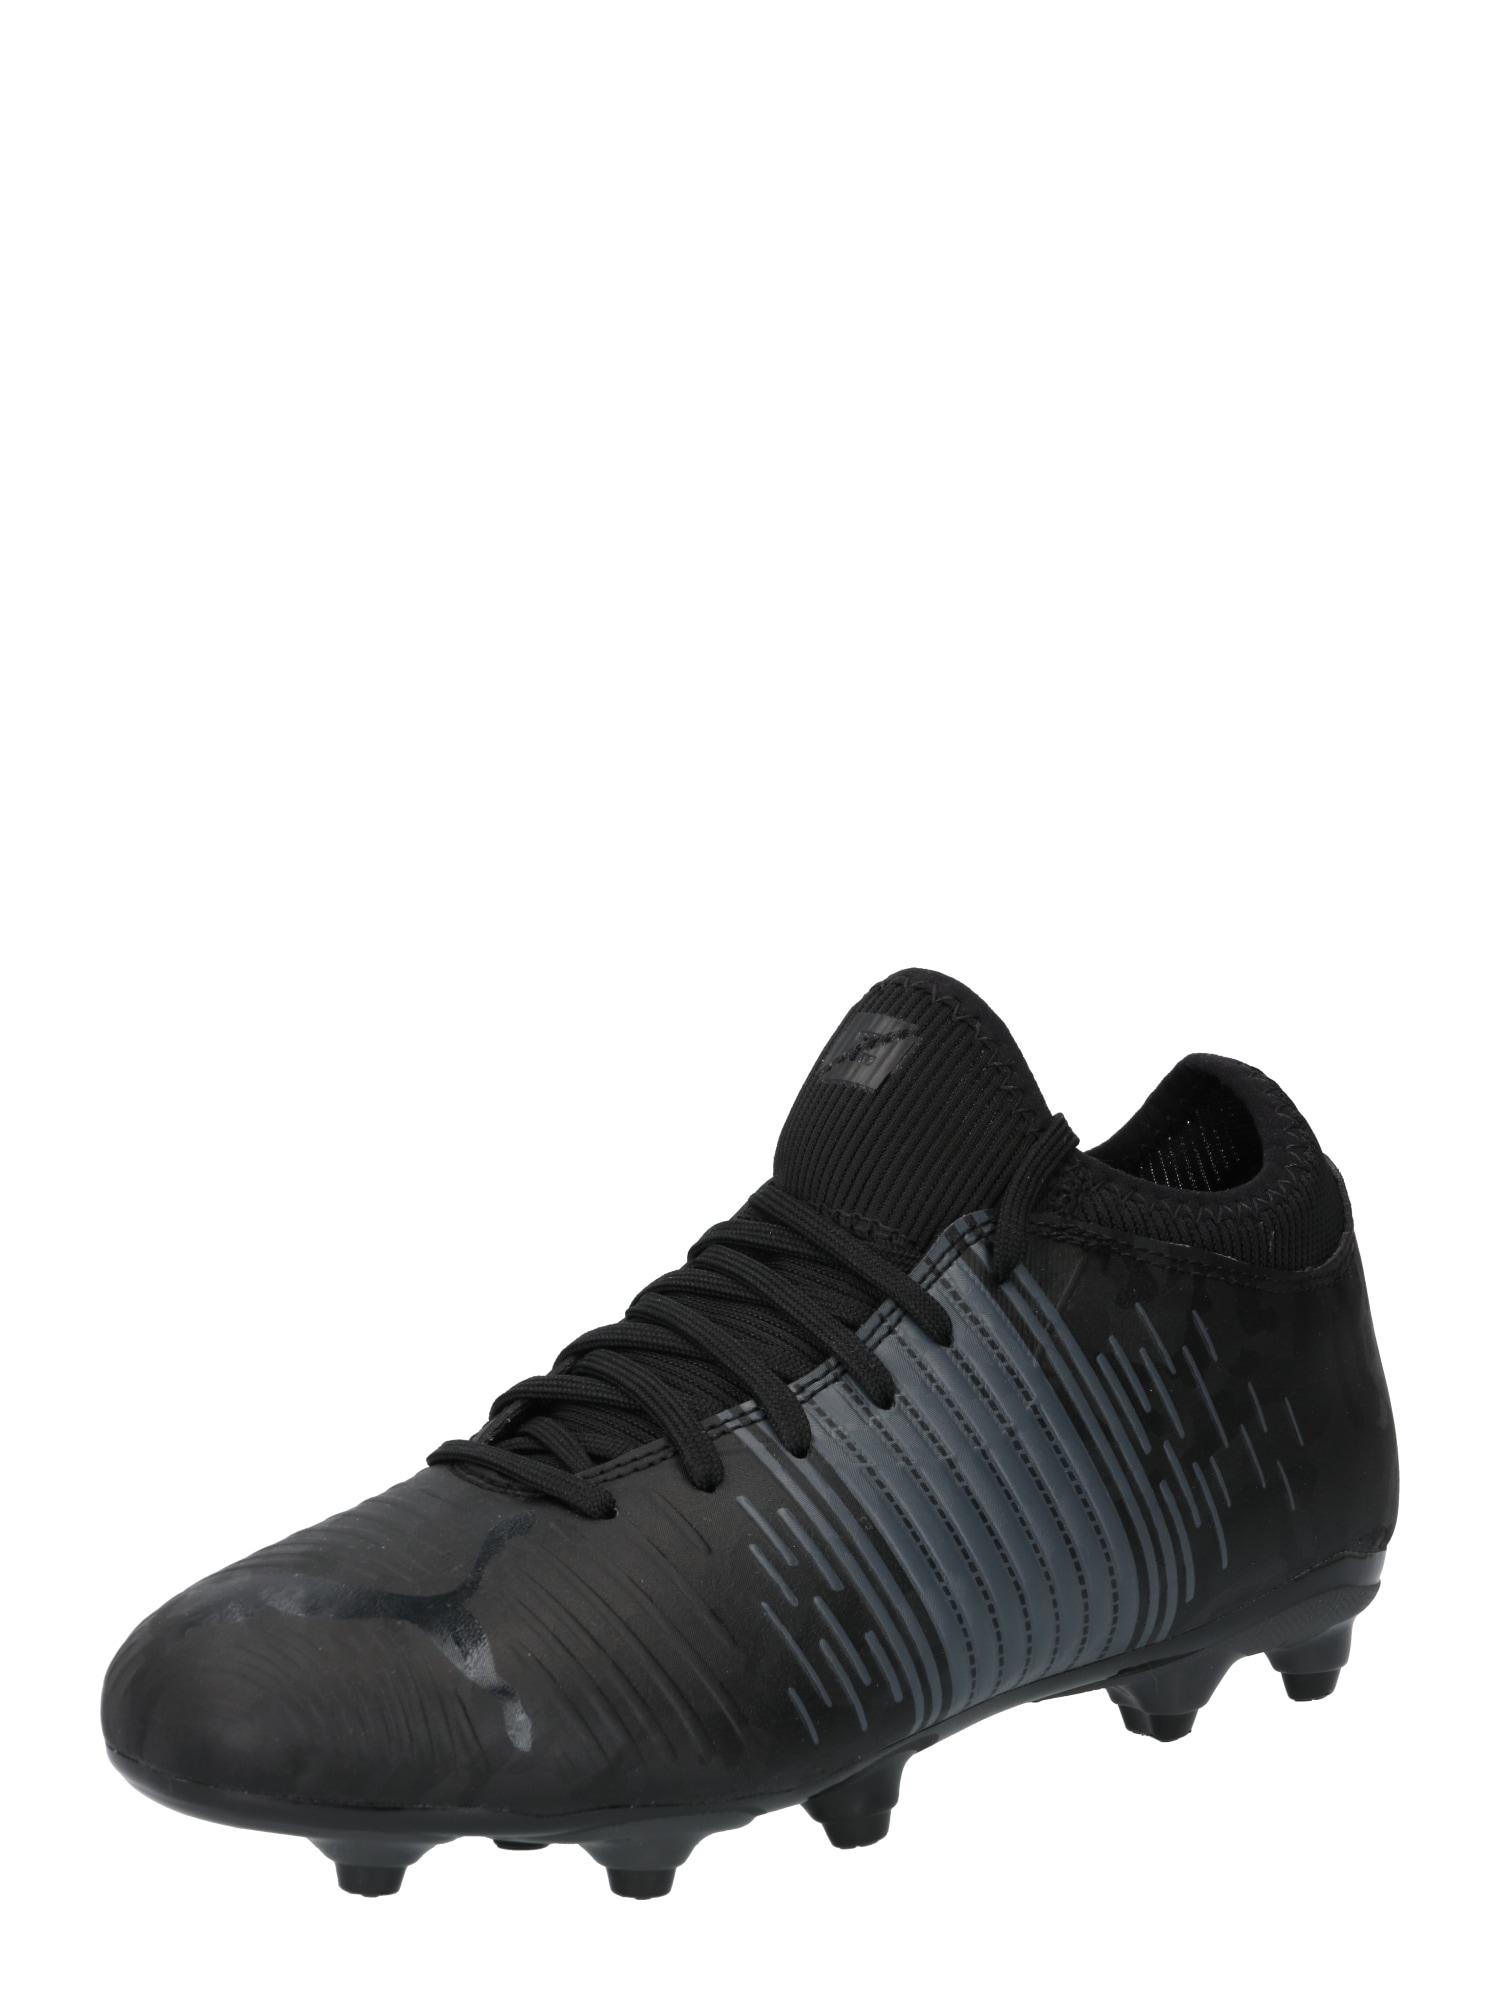 PUMA Sportiniai batai 'FUTURE Z 4.1 FG/AG' juoda